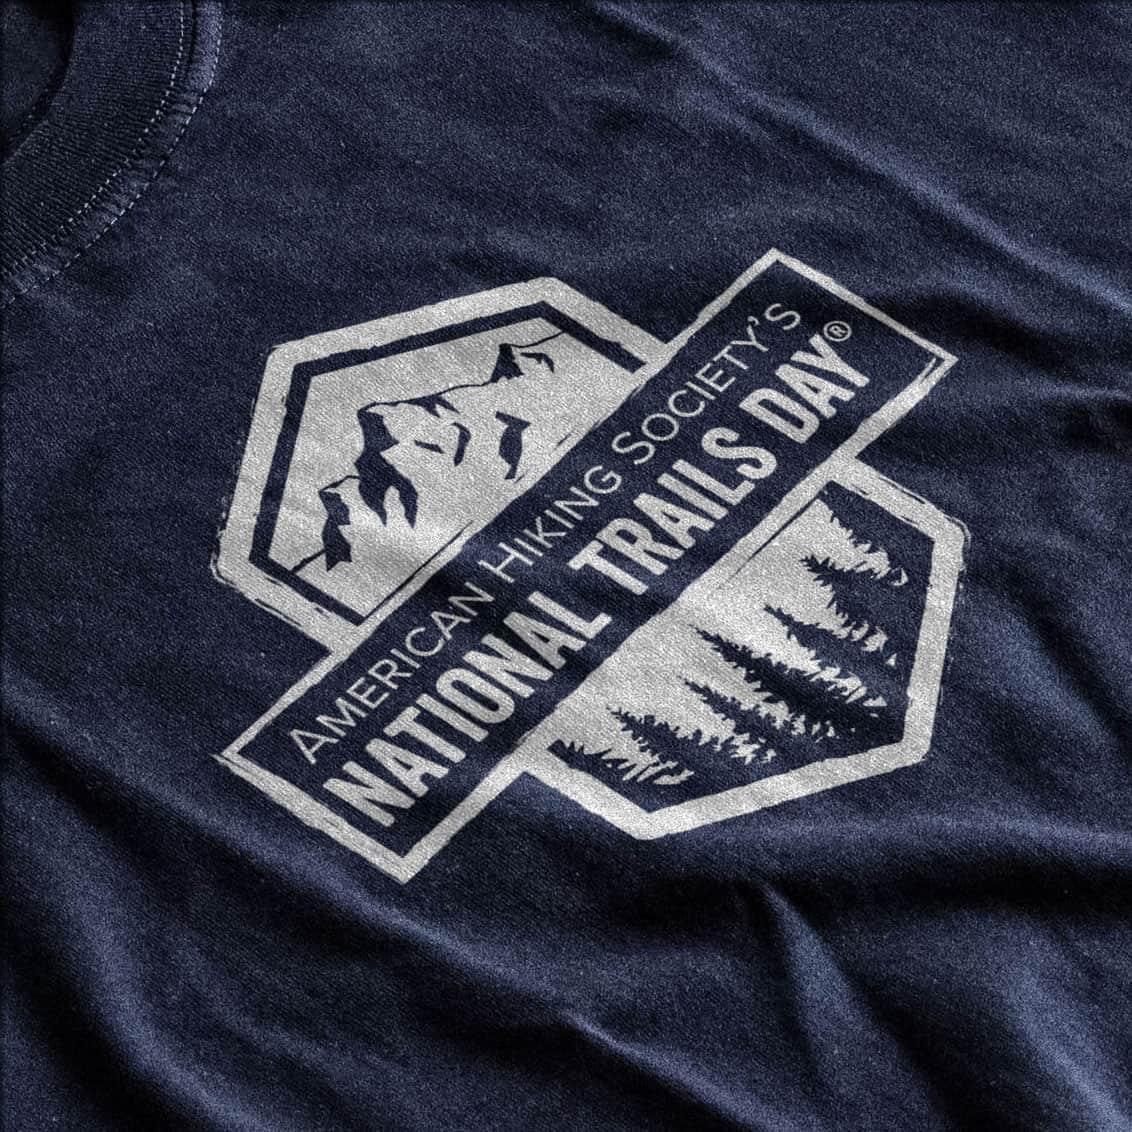 19 NTD Tshirt Mockup2v1